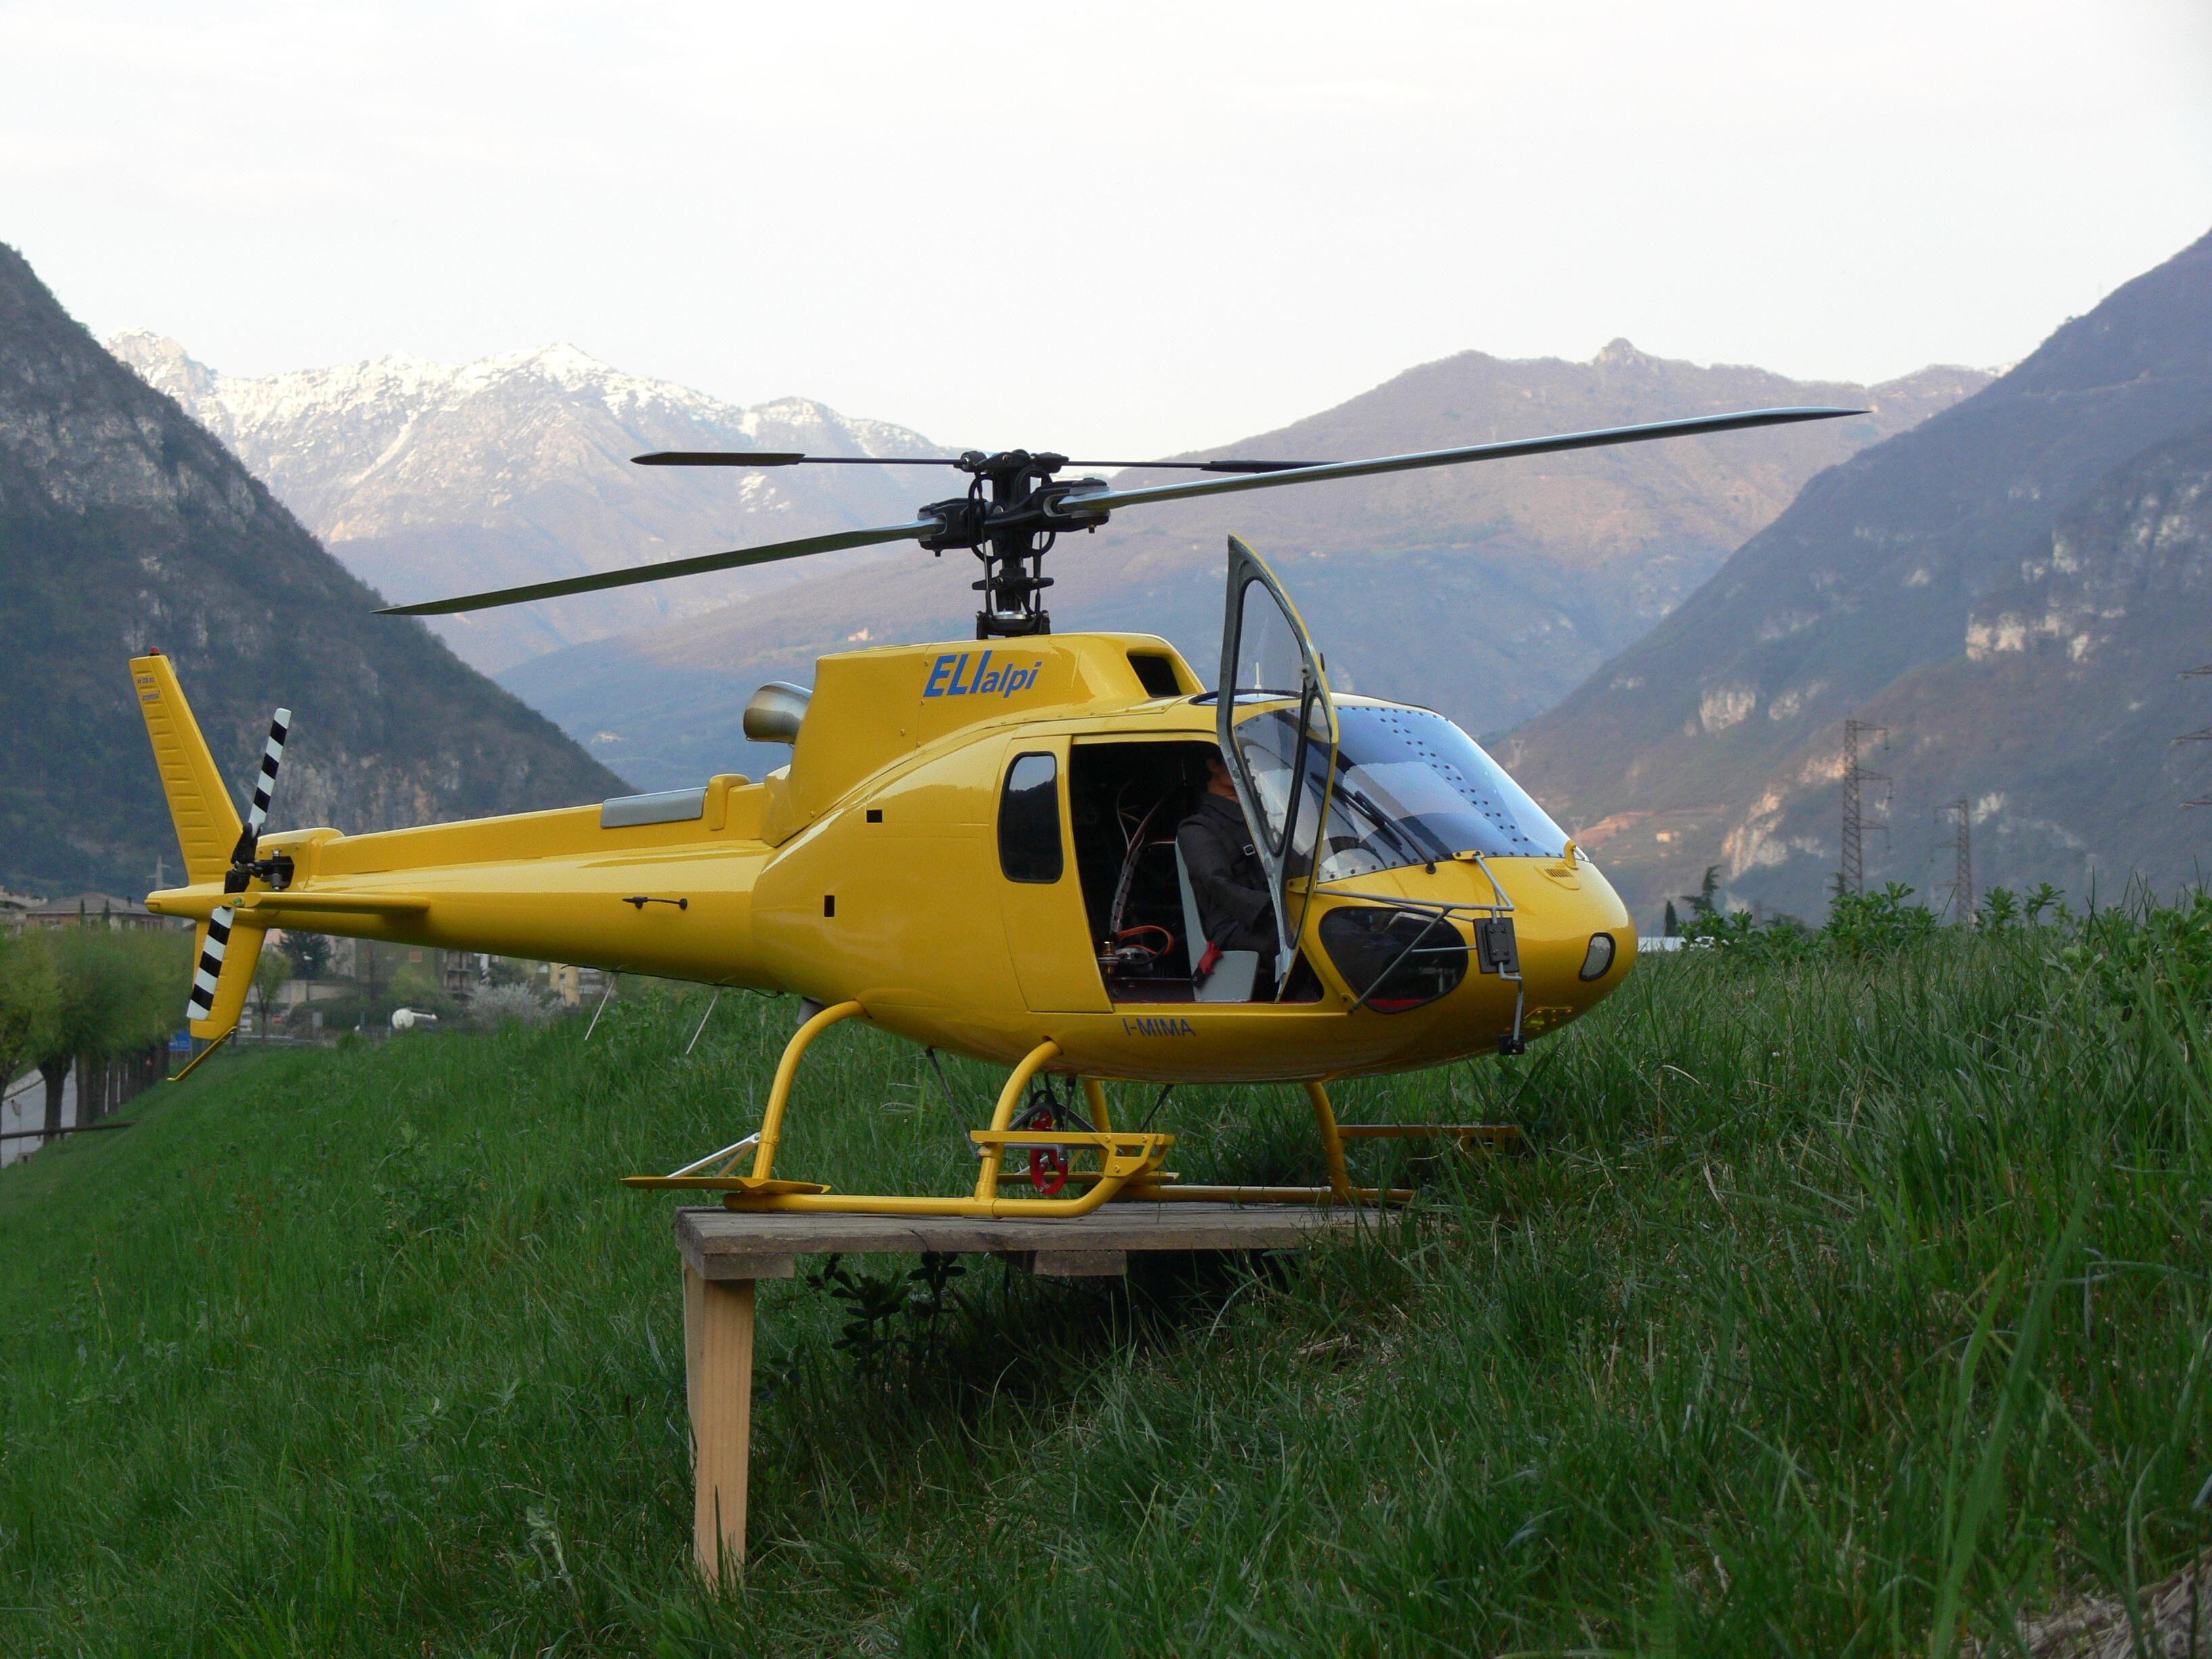 Elicottero 350 : Helitrento fusoliere e acessori per i modellisti più esigenti